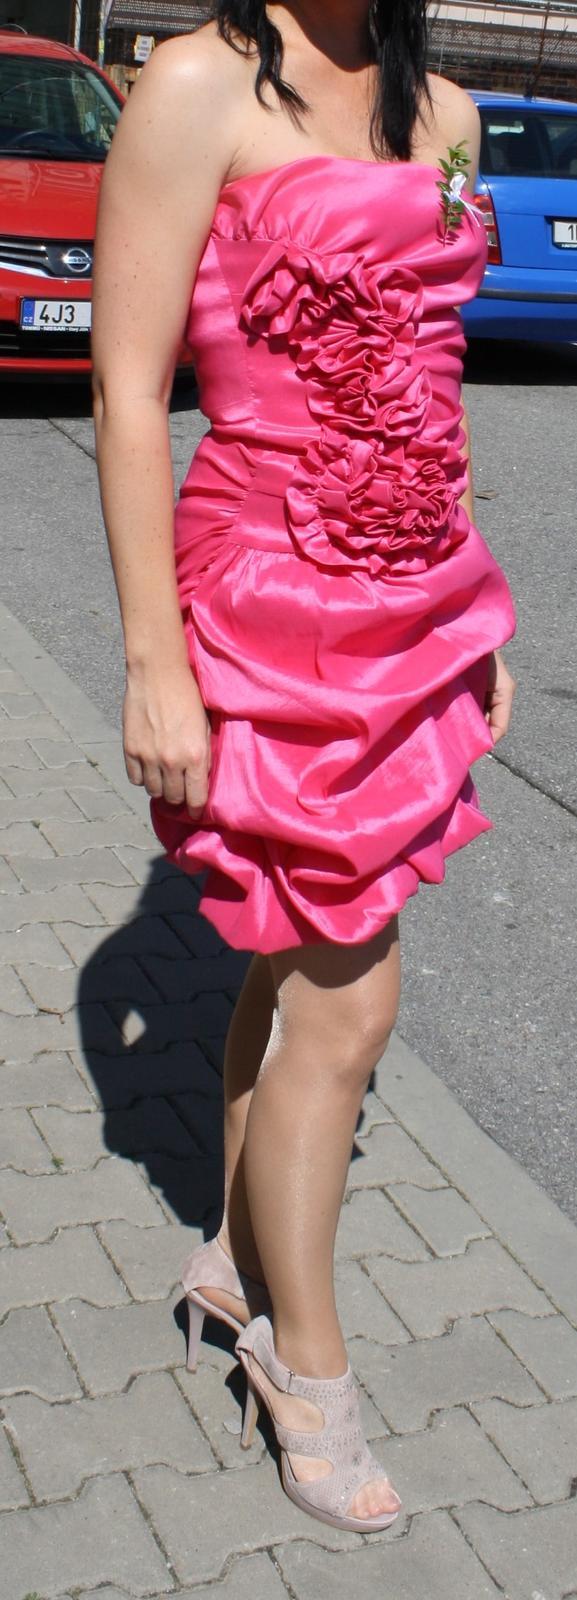 Šaty sytě růžové - Obrázek č. 1